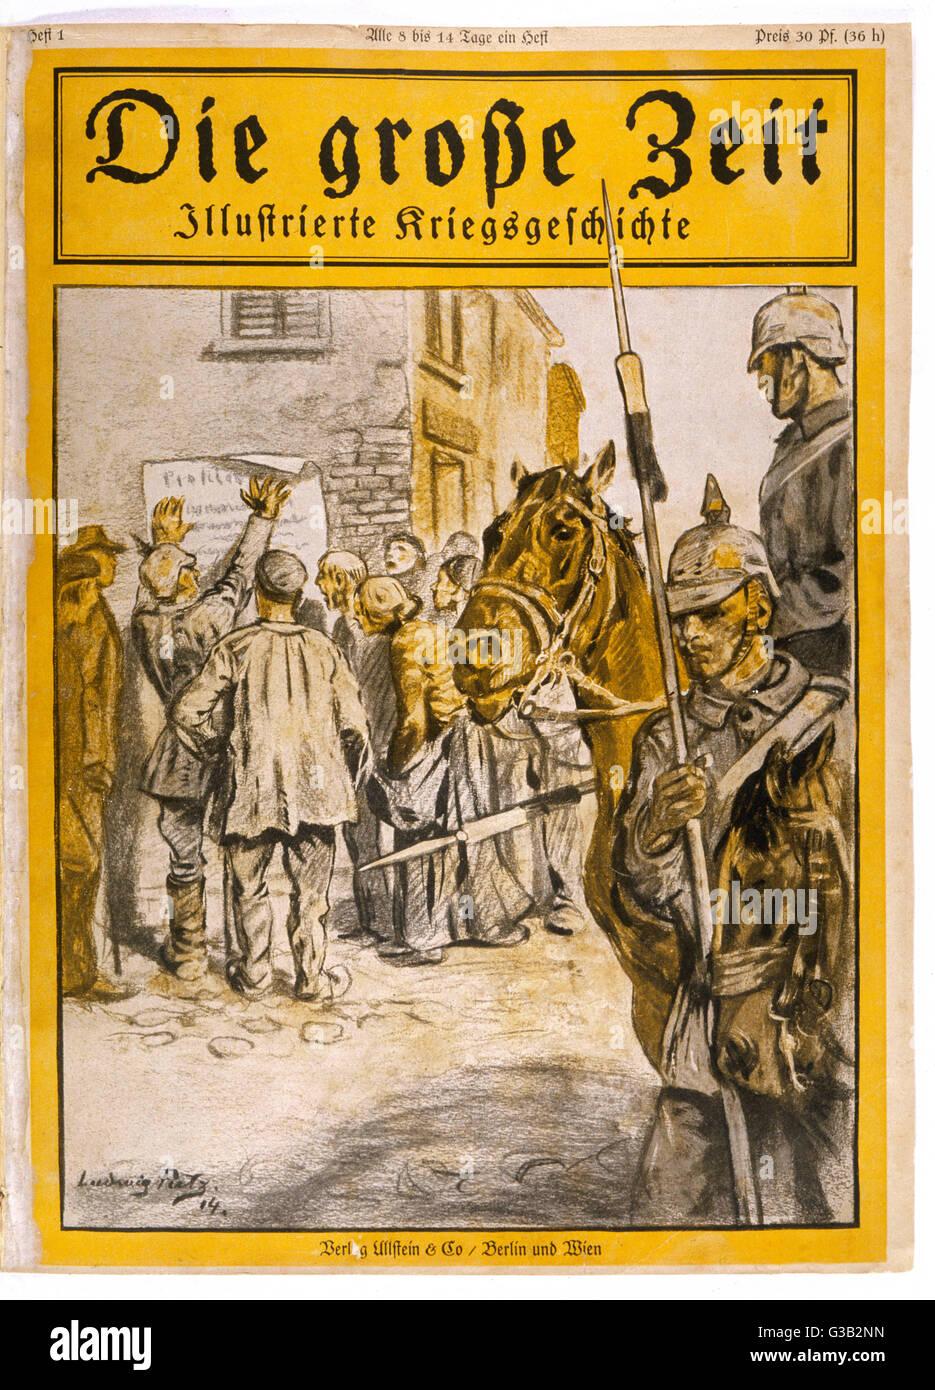 German troops post notices in  occupied Belgium.         Date: 1914 - Stock Image